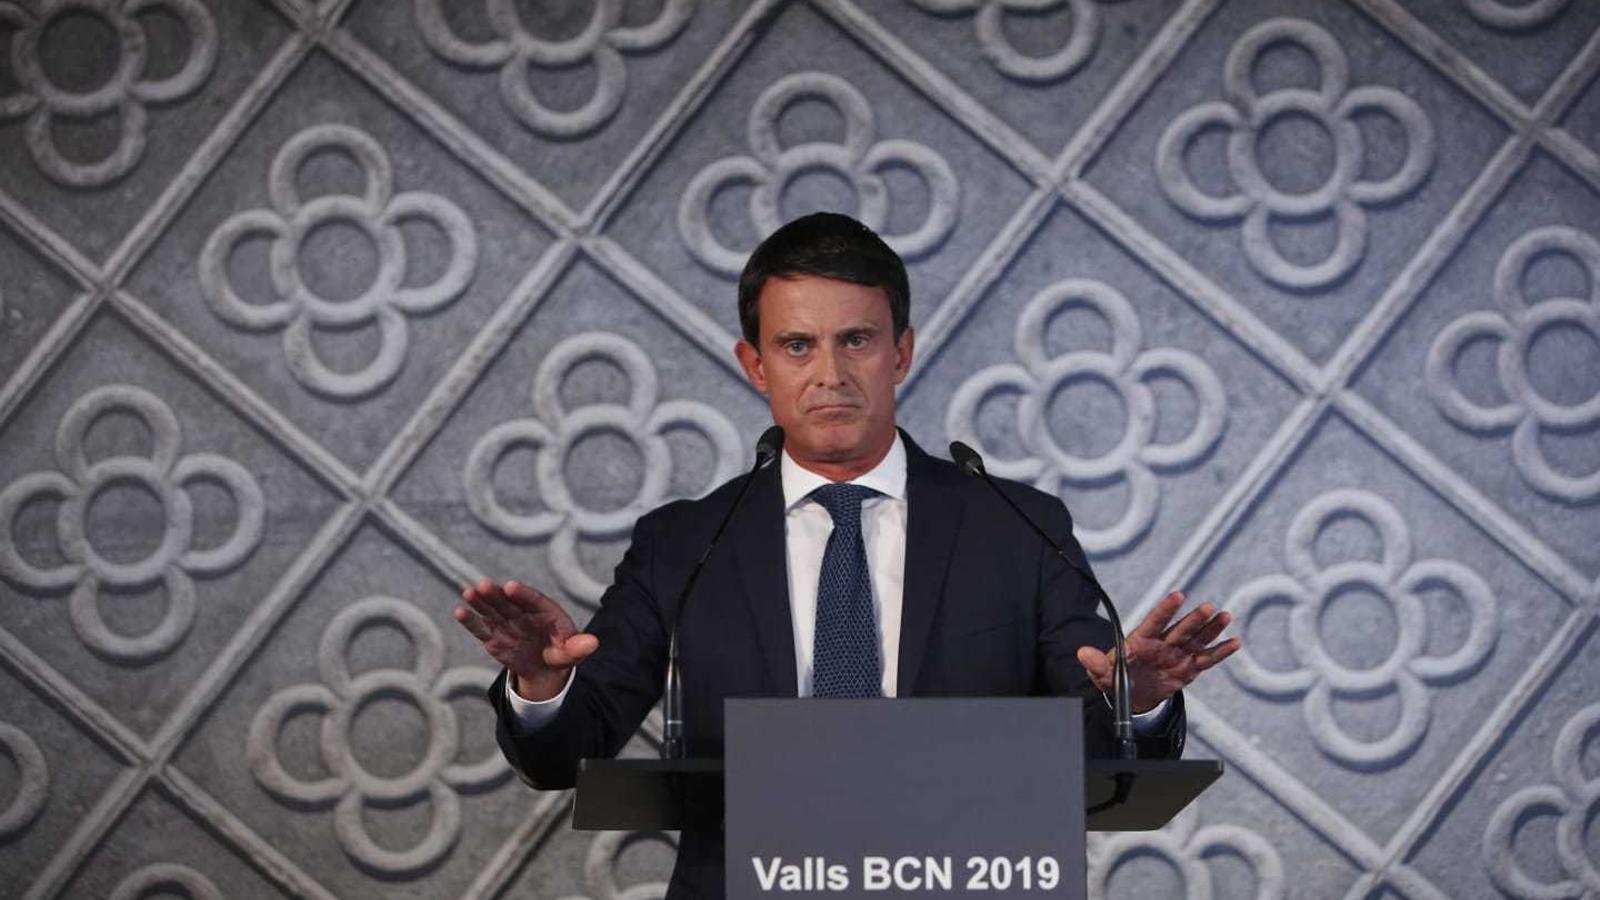 L'ex-primer ministre francès Manuel Valls, en una conferència al CCCB presentant la seva candidatura a les municipals de 2019